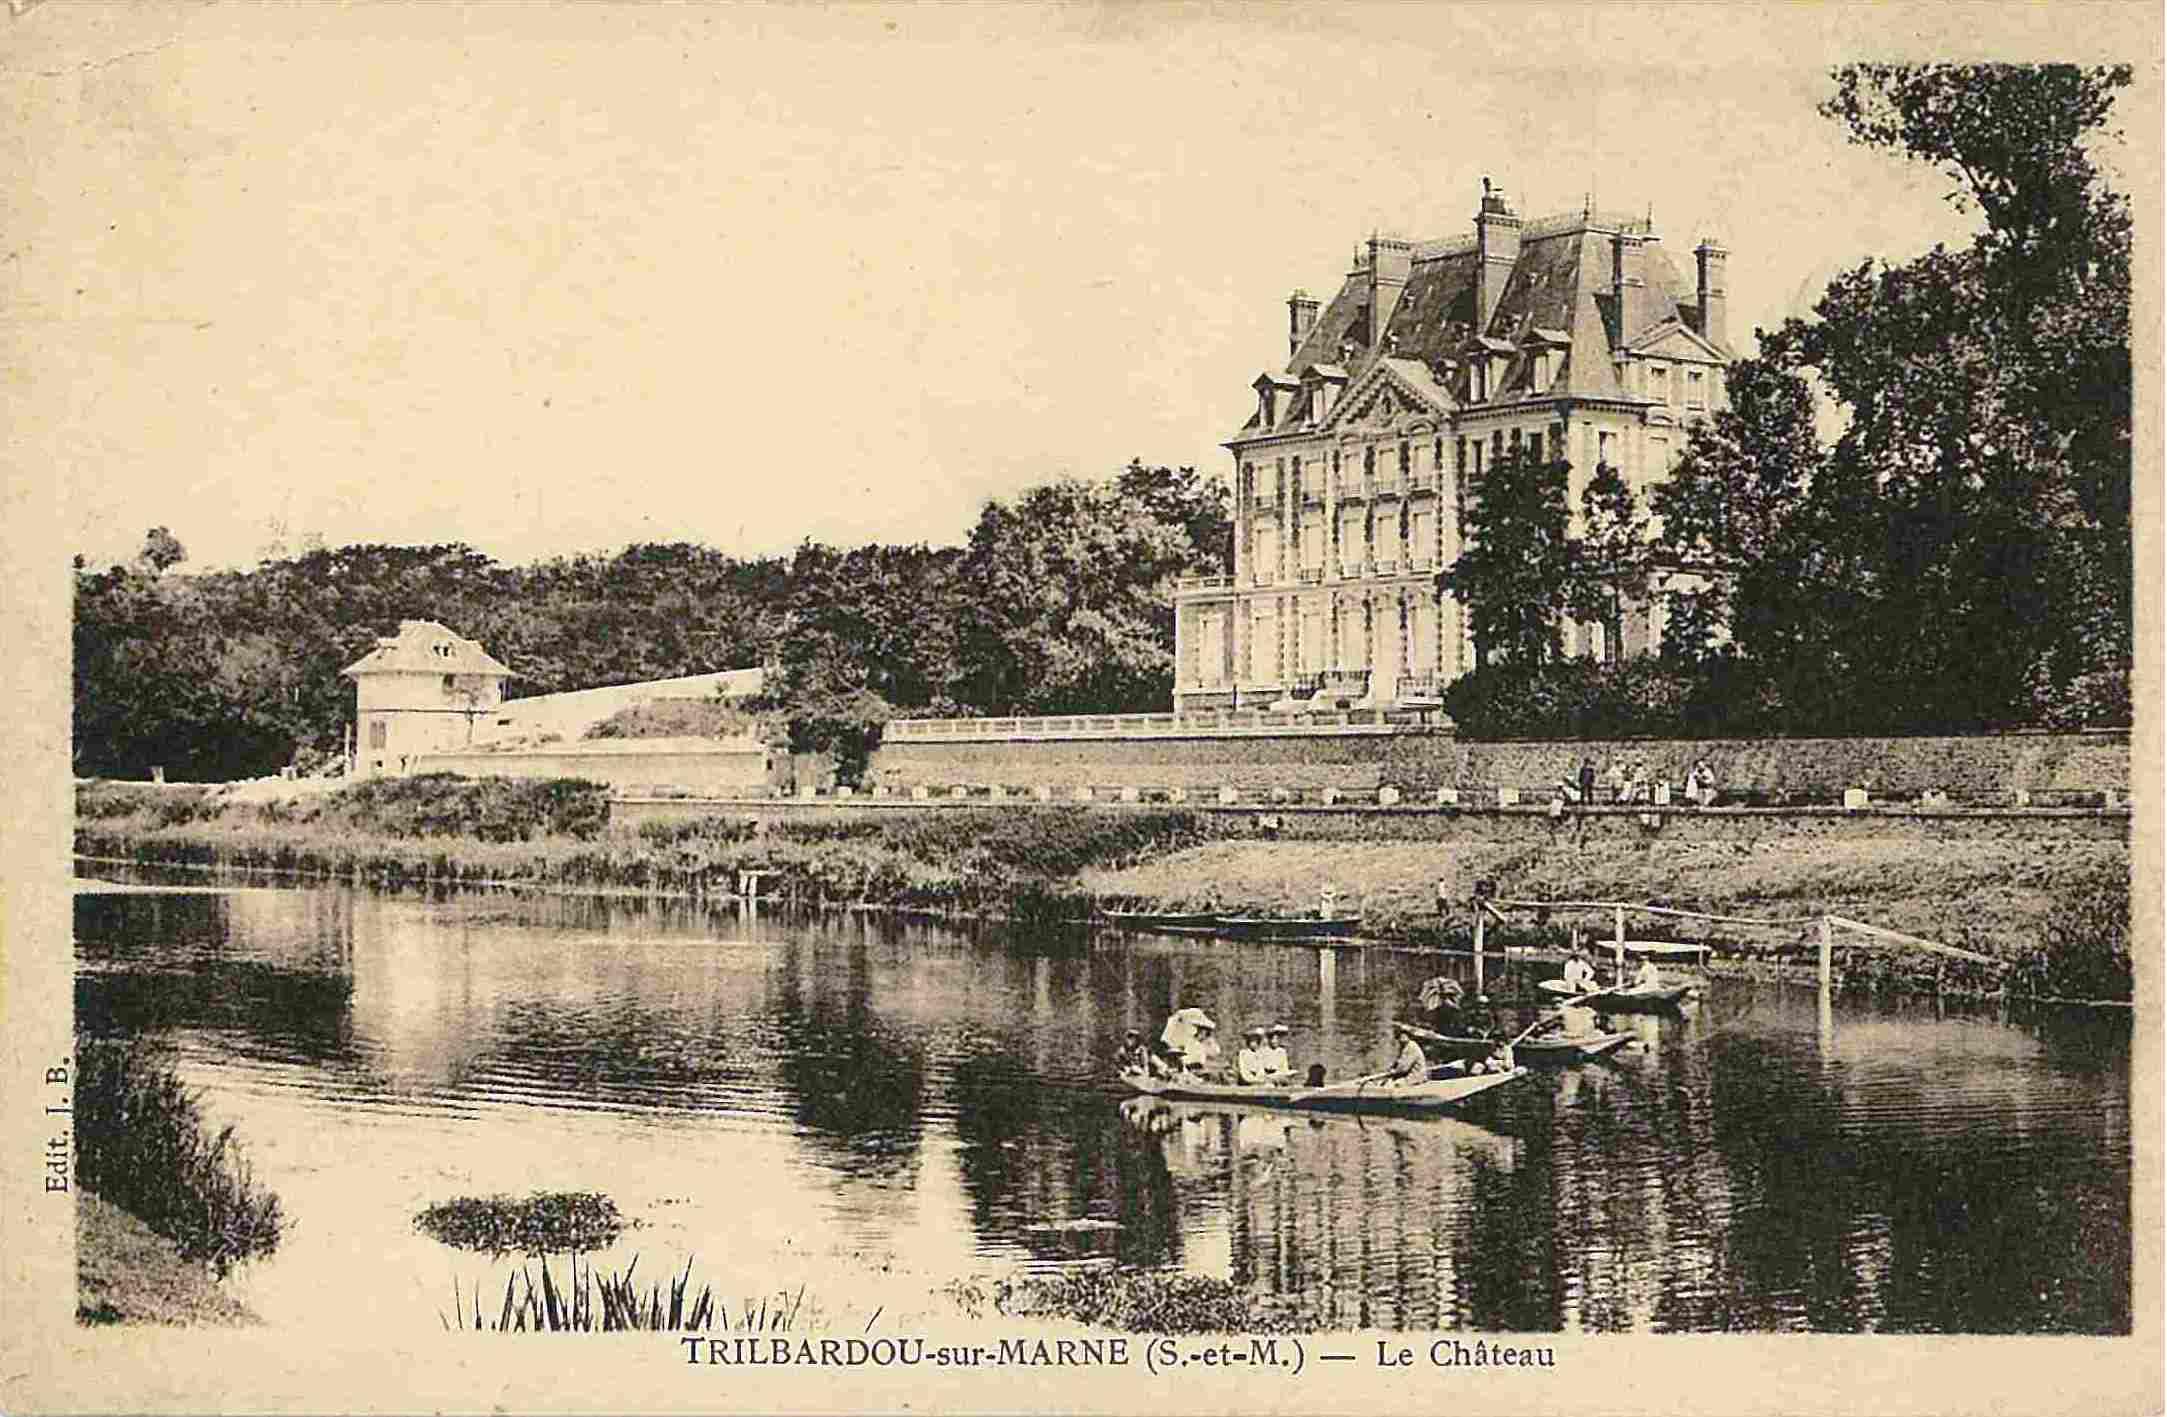 Chateau0011.jpg